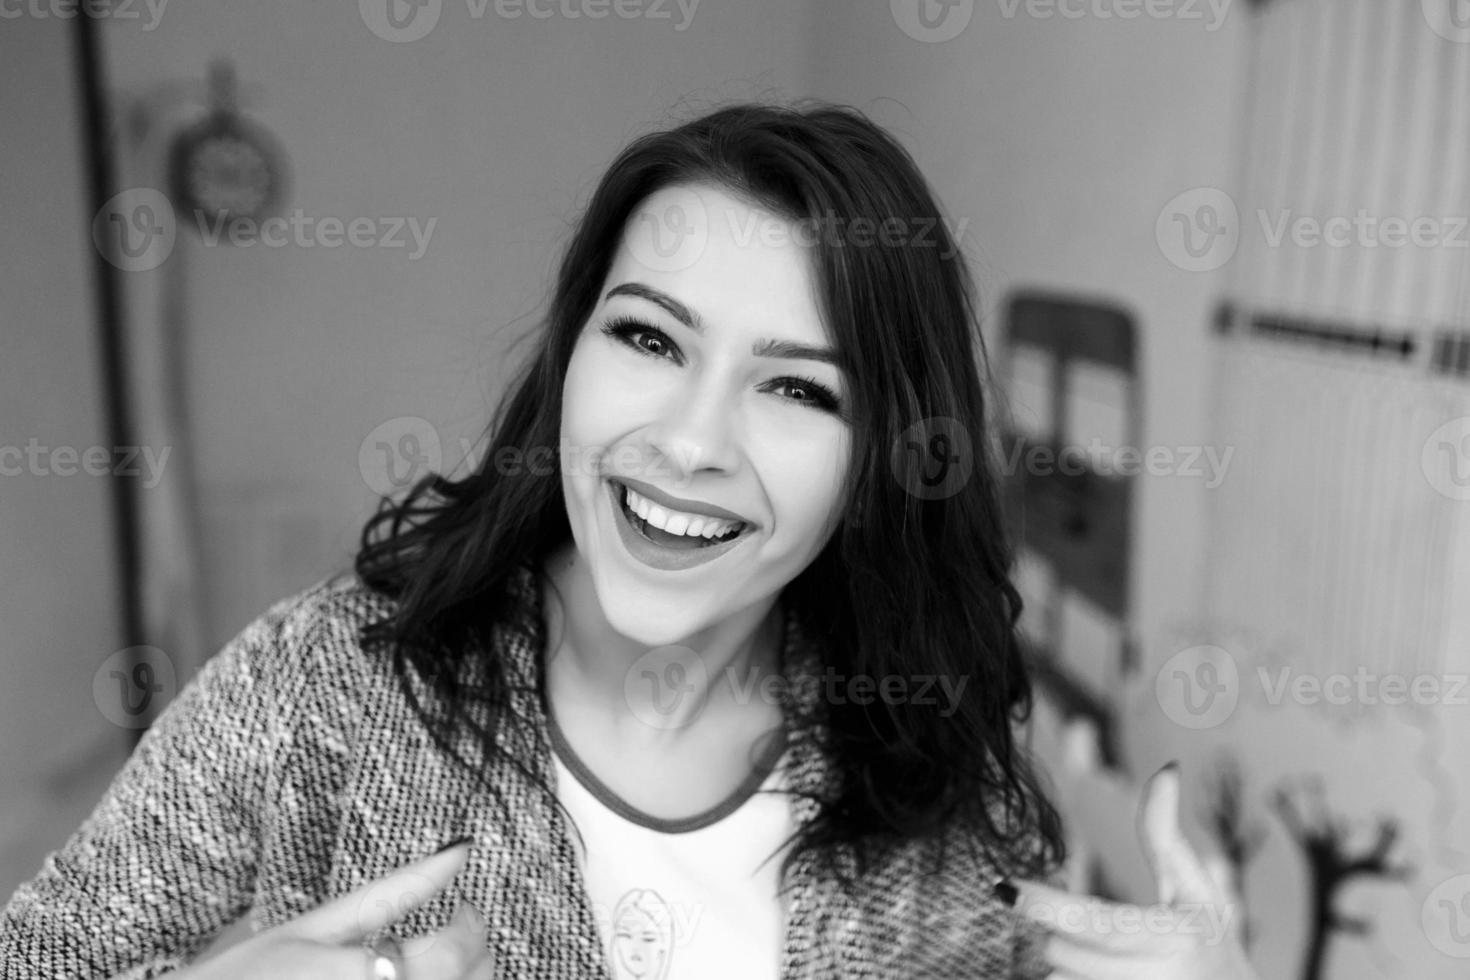 foto della ragazza con la luce di studiol